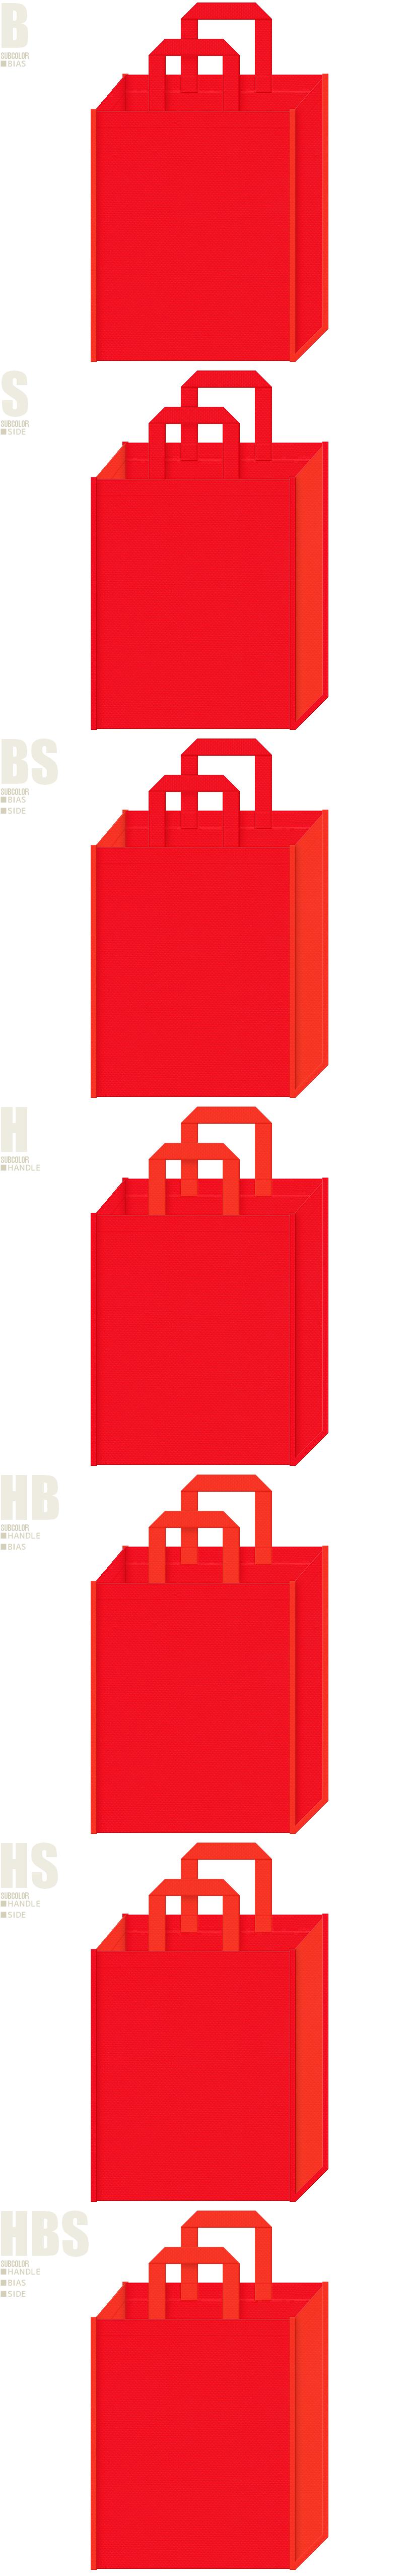 紅葉・太陽・エネルギーのイメージにお奨めの不織布バッグデザイン:赤色とオレンジ色の配色7パターン